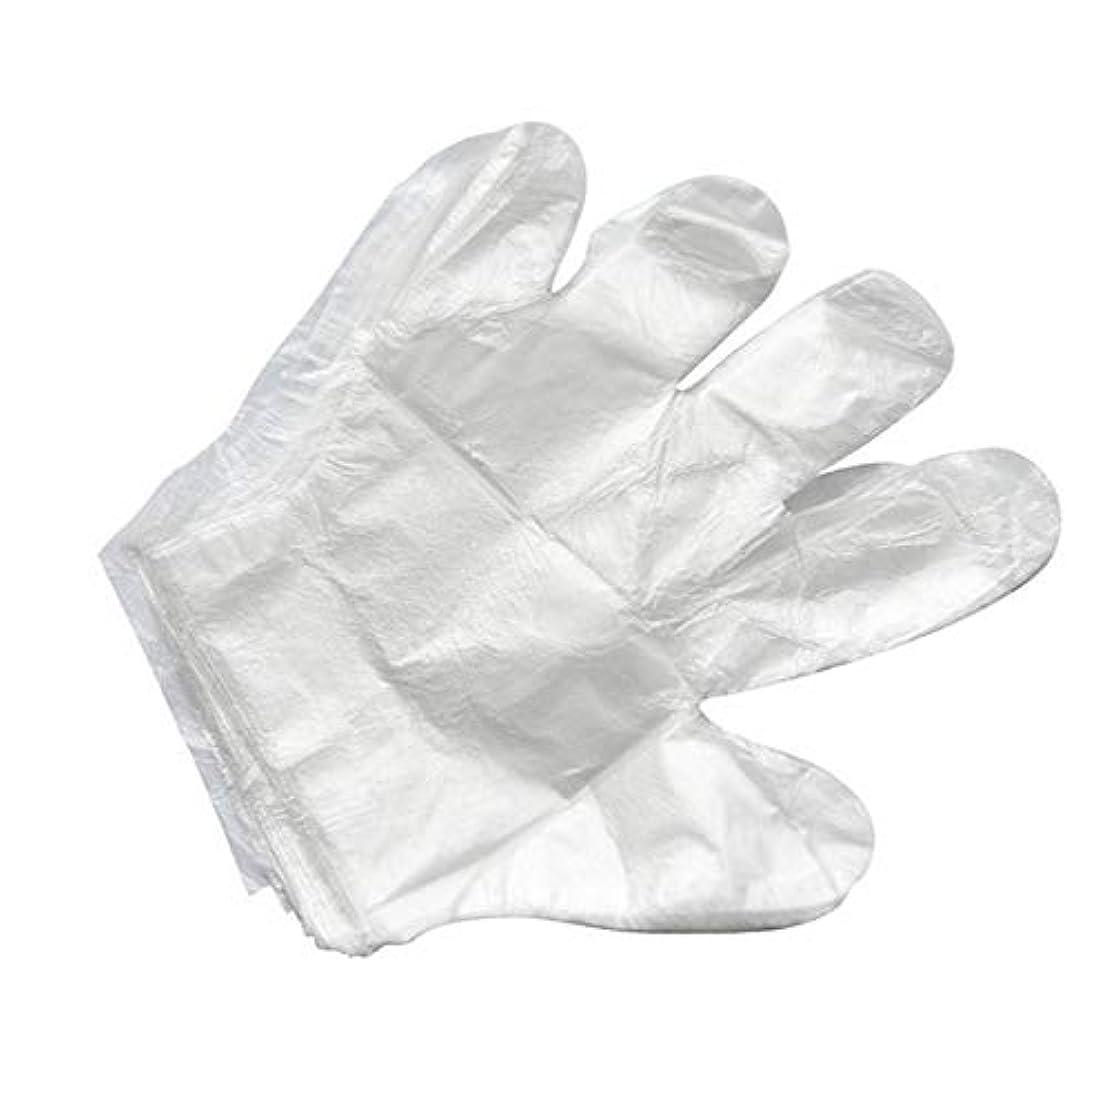 想起シリアルかかわらず使い捨て手袋バーベキューアクセサリー高度なキャスティング手袋使い捨てケータリングDIYクリーニングヘアダイ食品グレードプラスチック手袋(2000)透明のみ